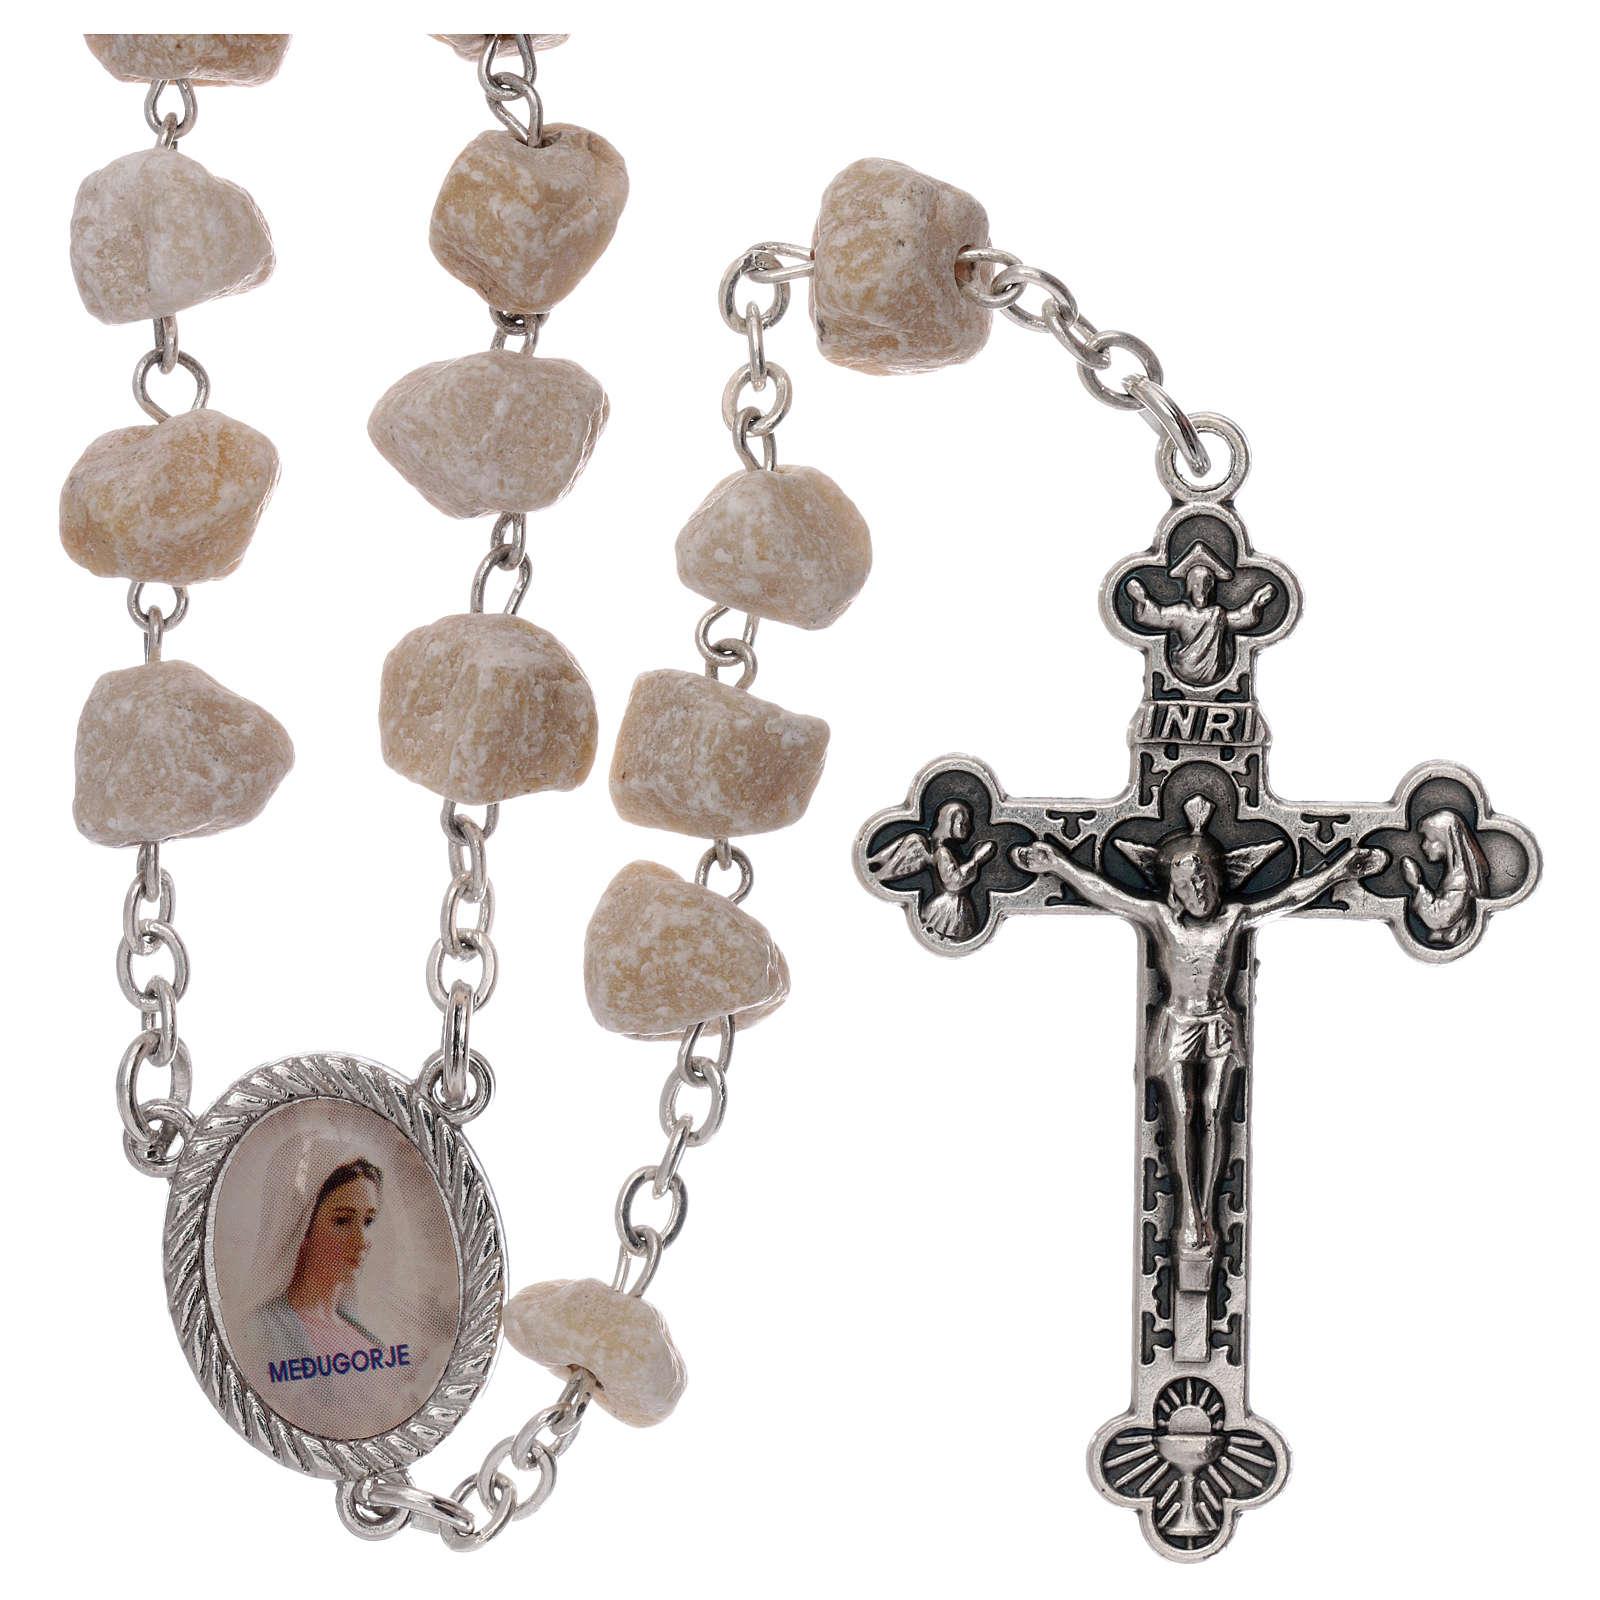 Różaniec Medziugorie kamień Madonna Jezus 4